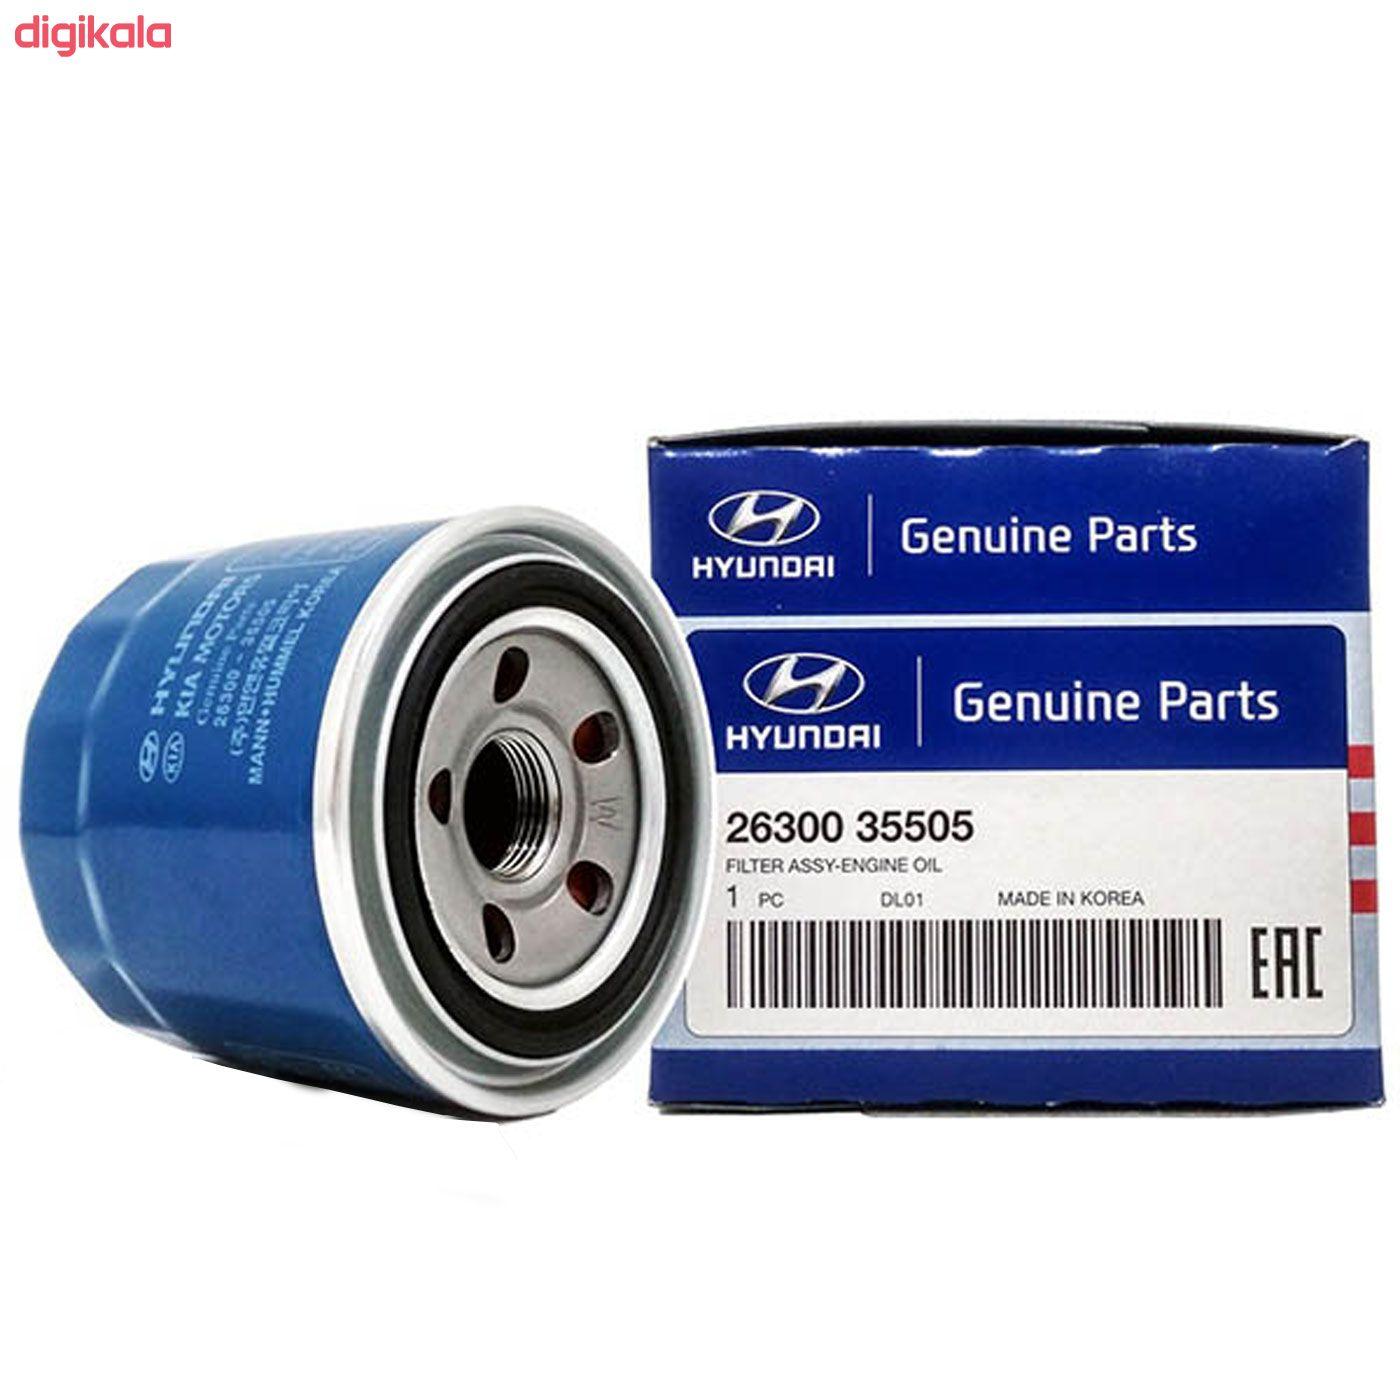 فیلتر روغن خودرو هیوندای جنیون پارتس مدل 35505 مناسب برای هیوندای النترا main 1 4